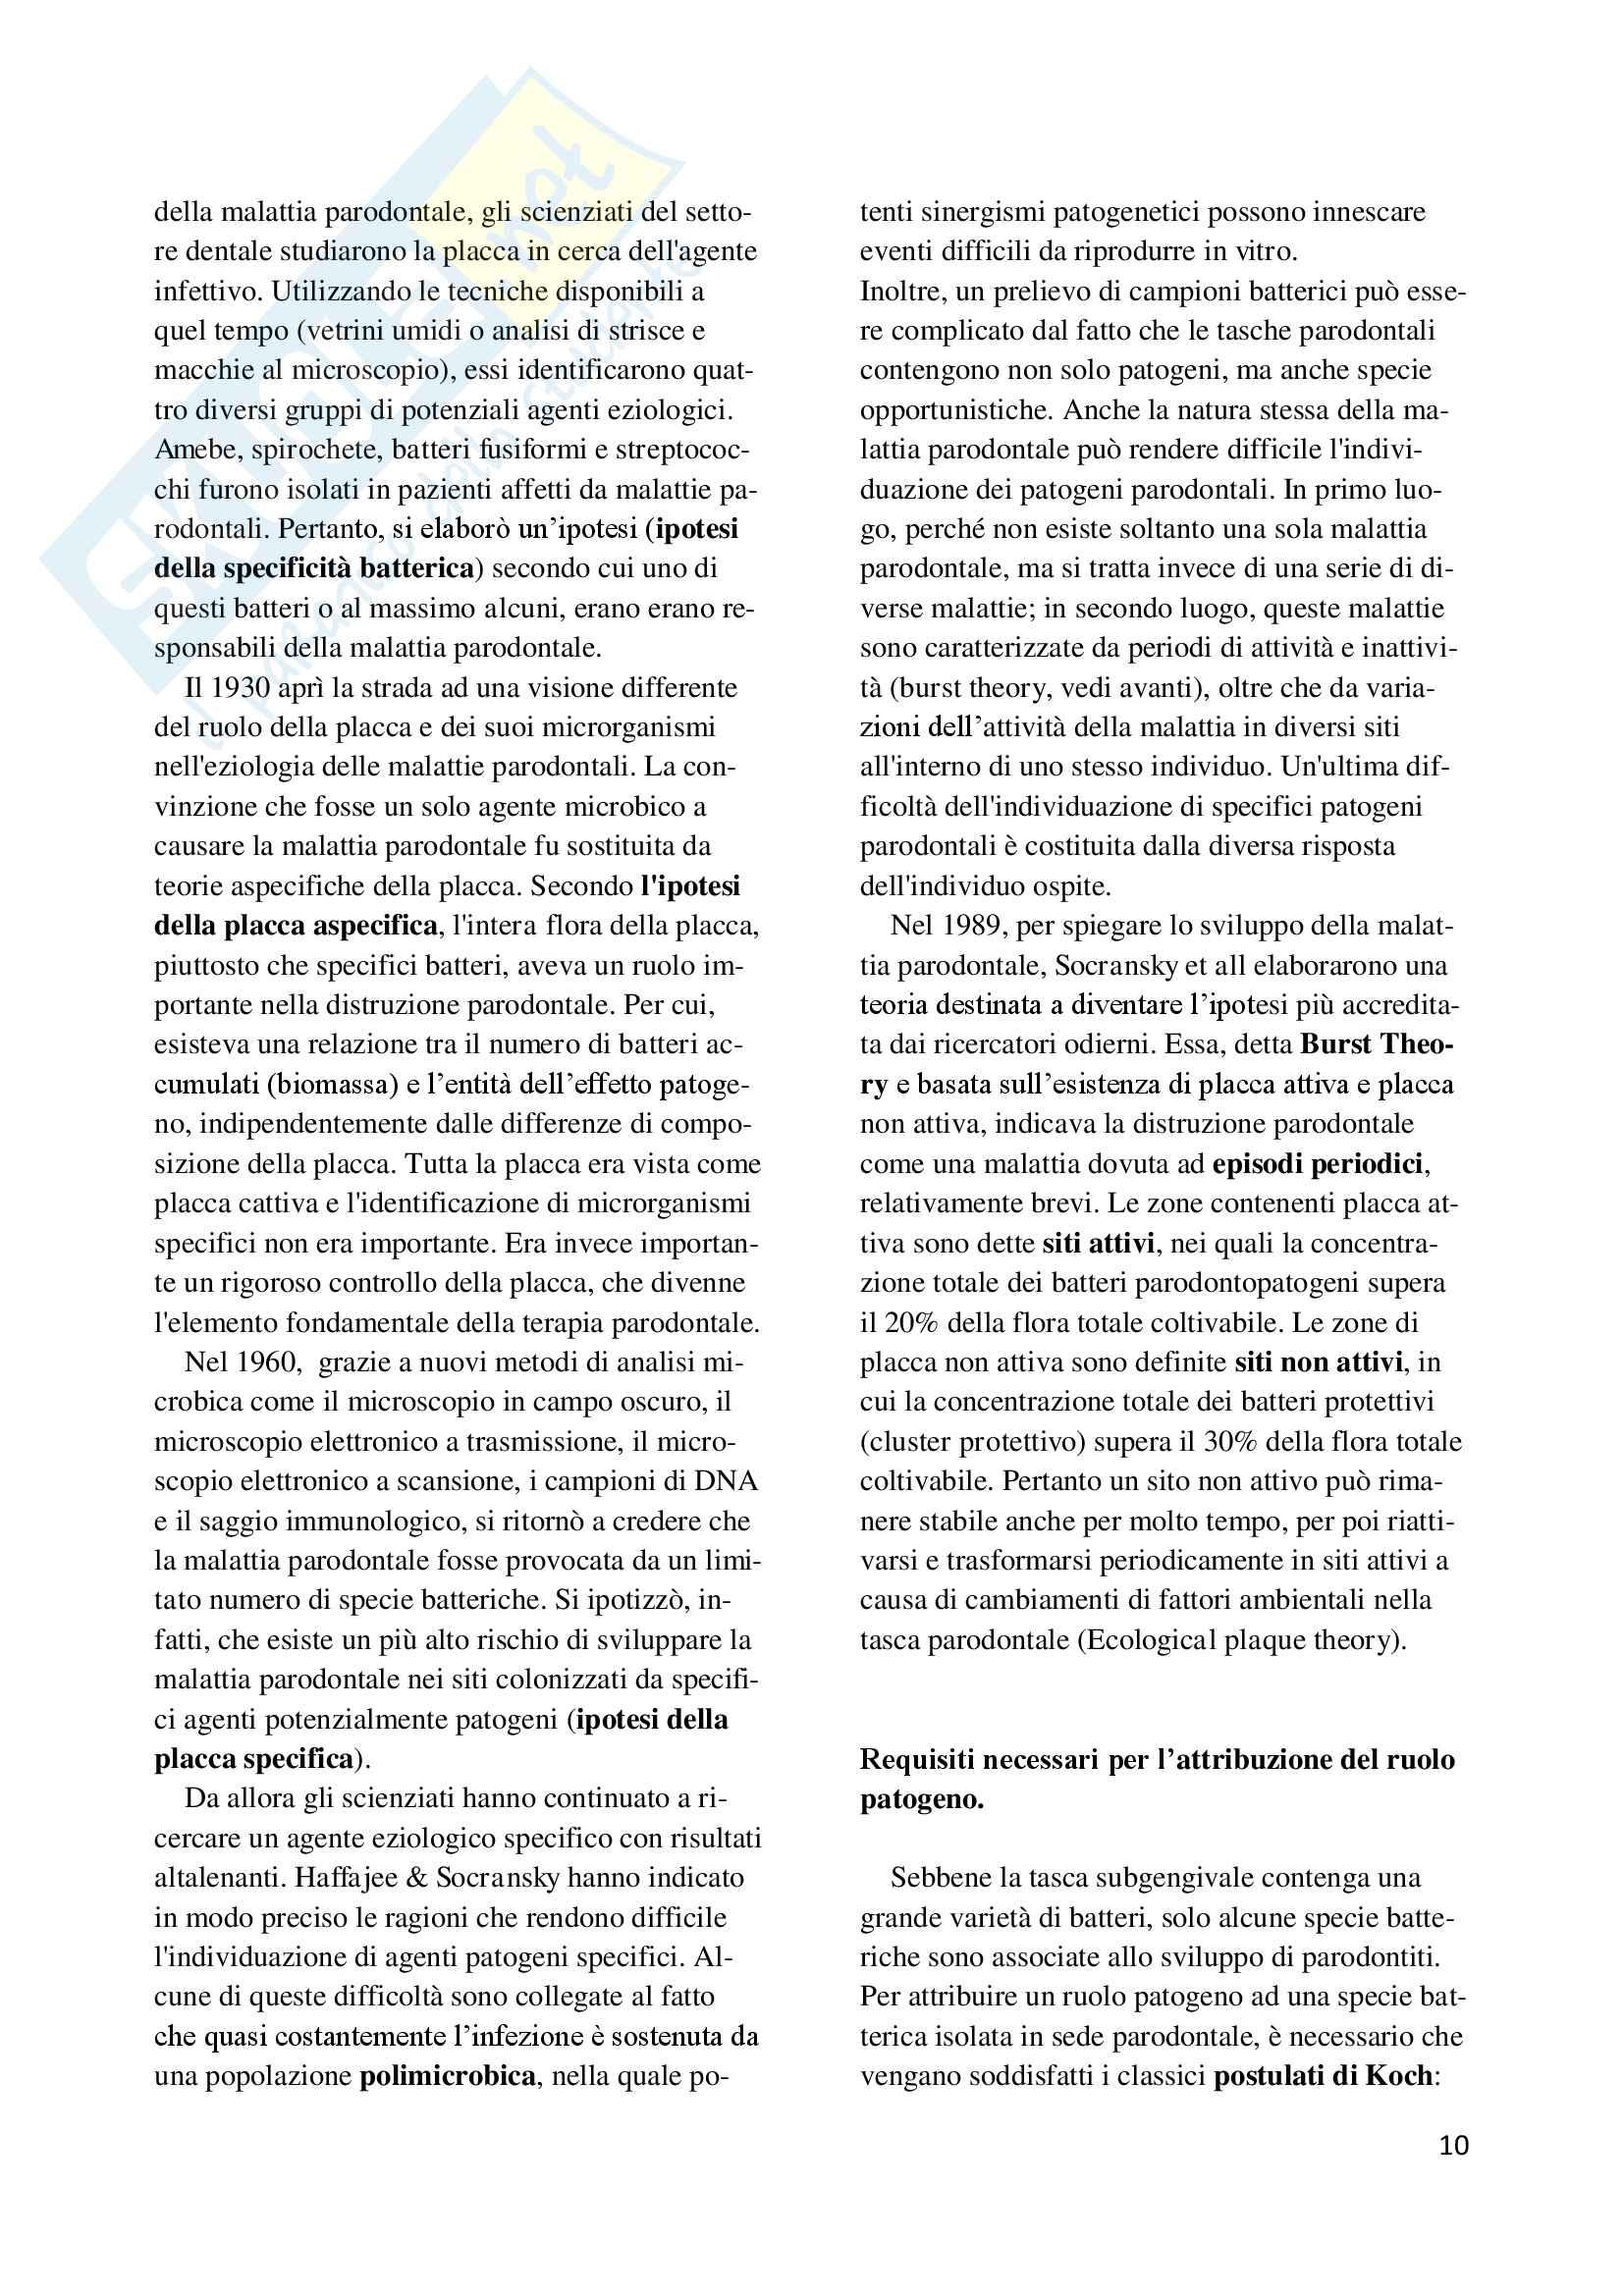 Microbiologia odontoiatrica Pag. 11